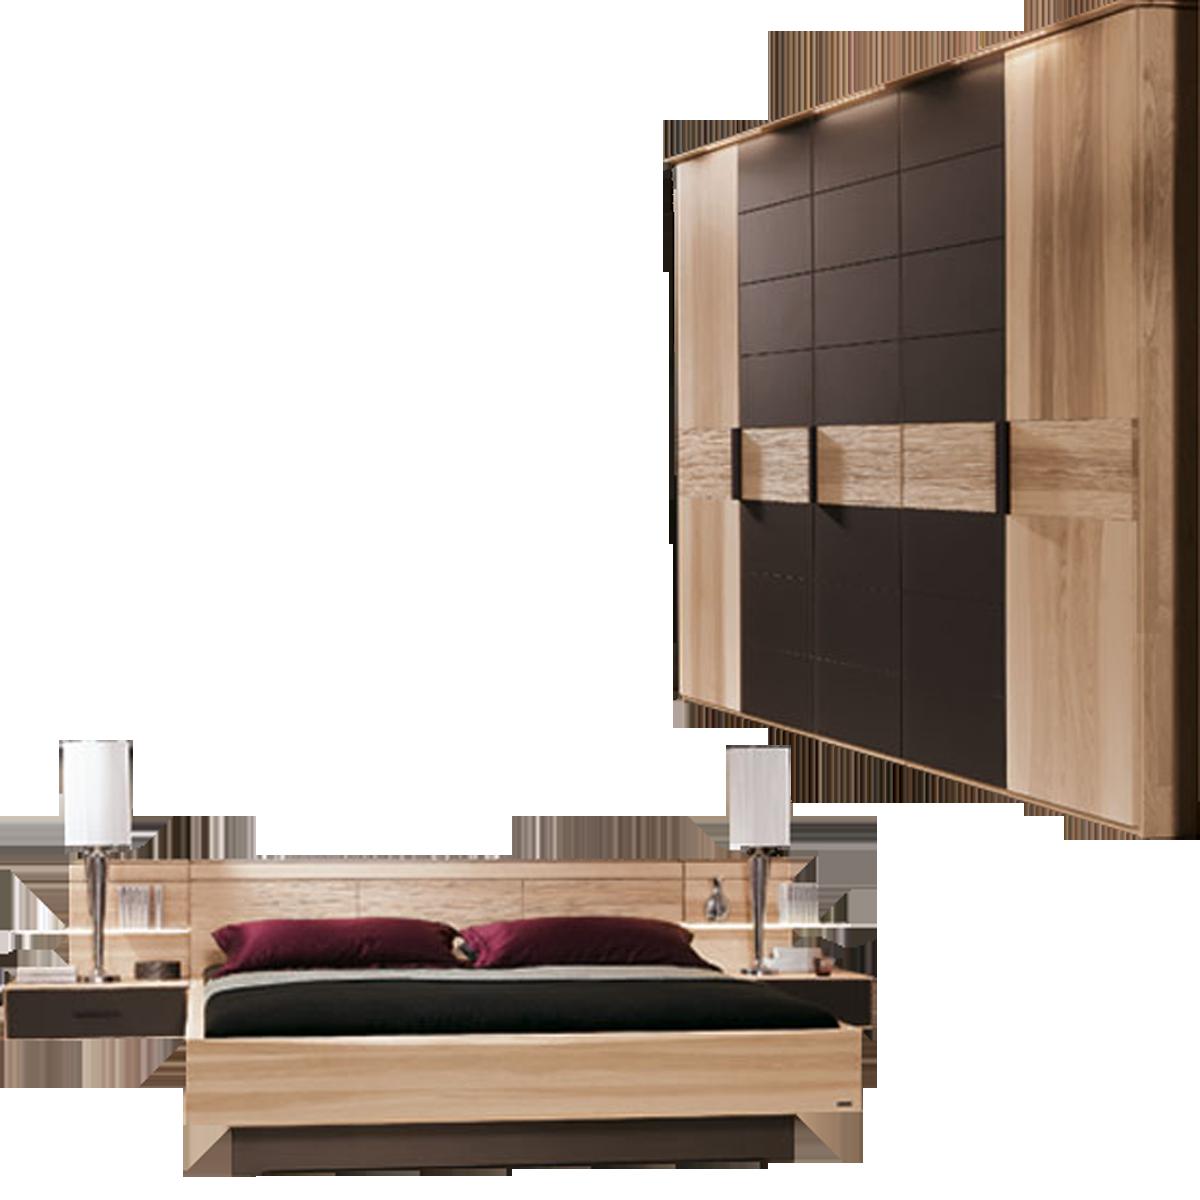 Thielemeyer Mira Schlafzimmer Strukturesche mit Colorglas dunkelbraun